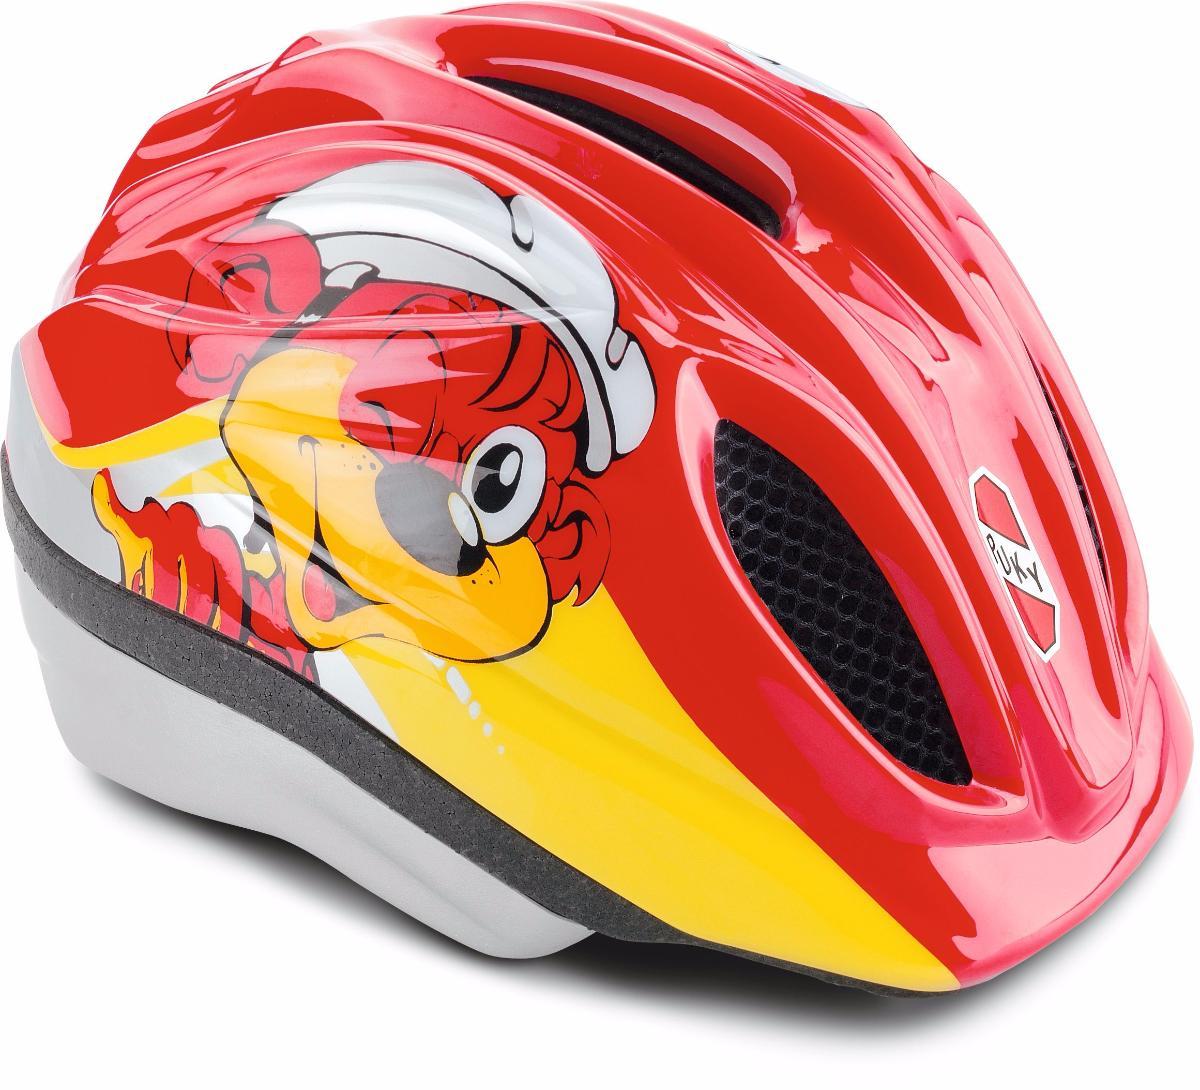 Летний Шлем Puky 2016 Ph 1 S/m Red